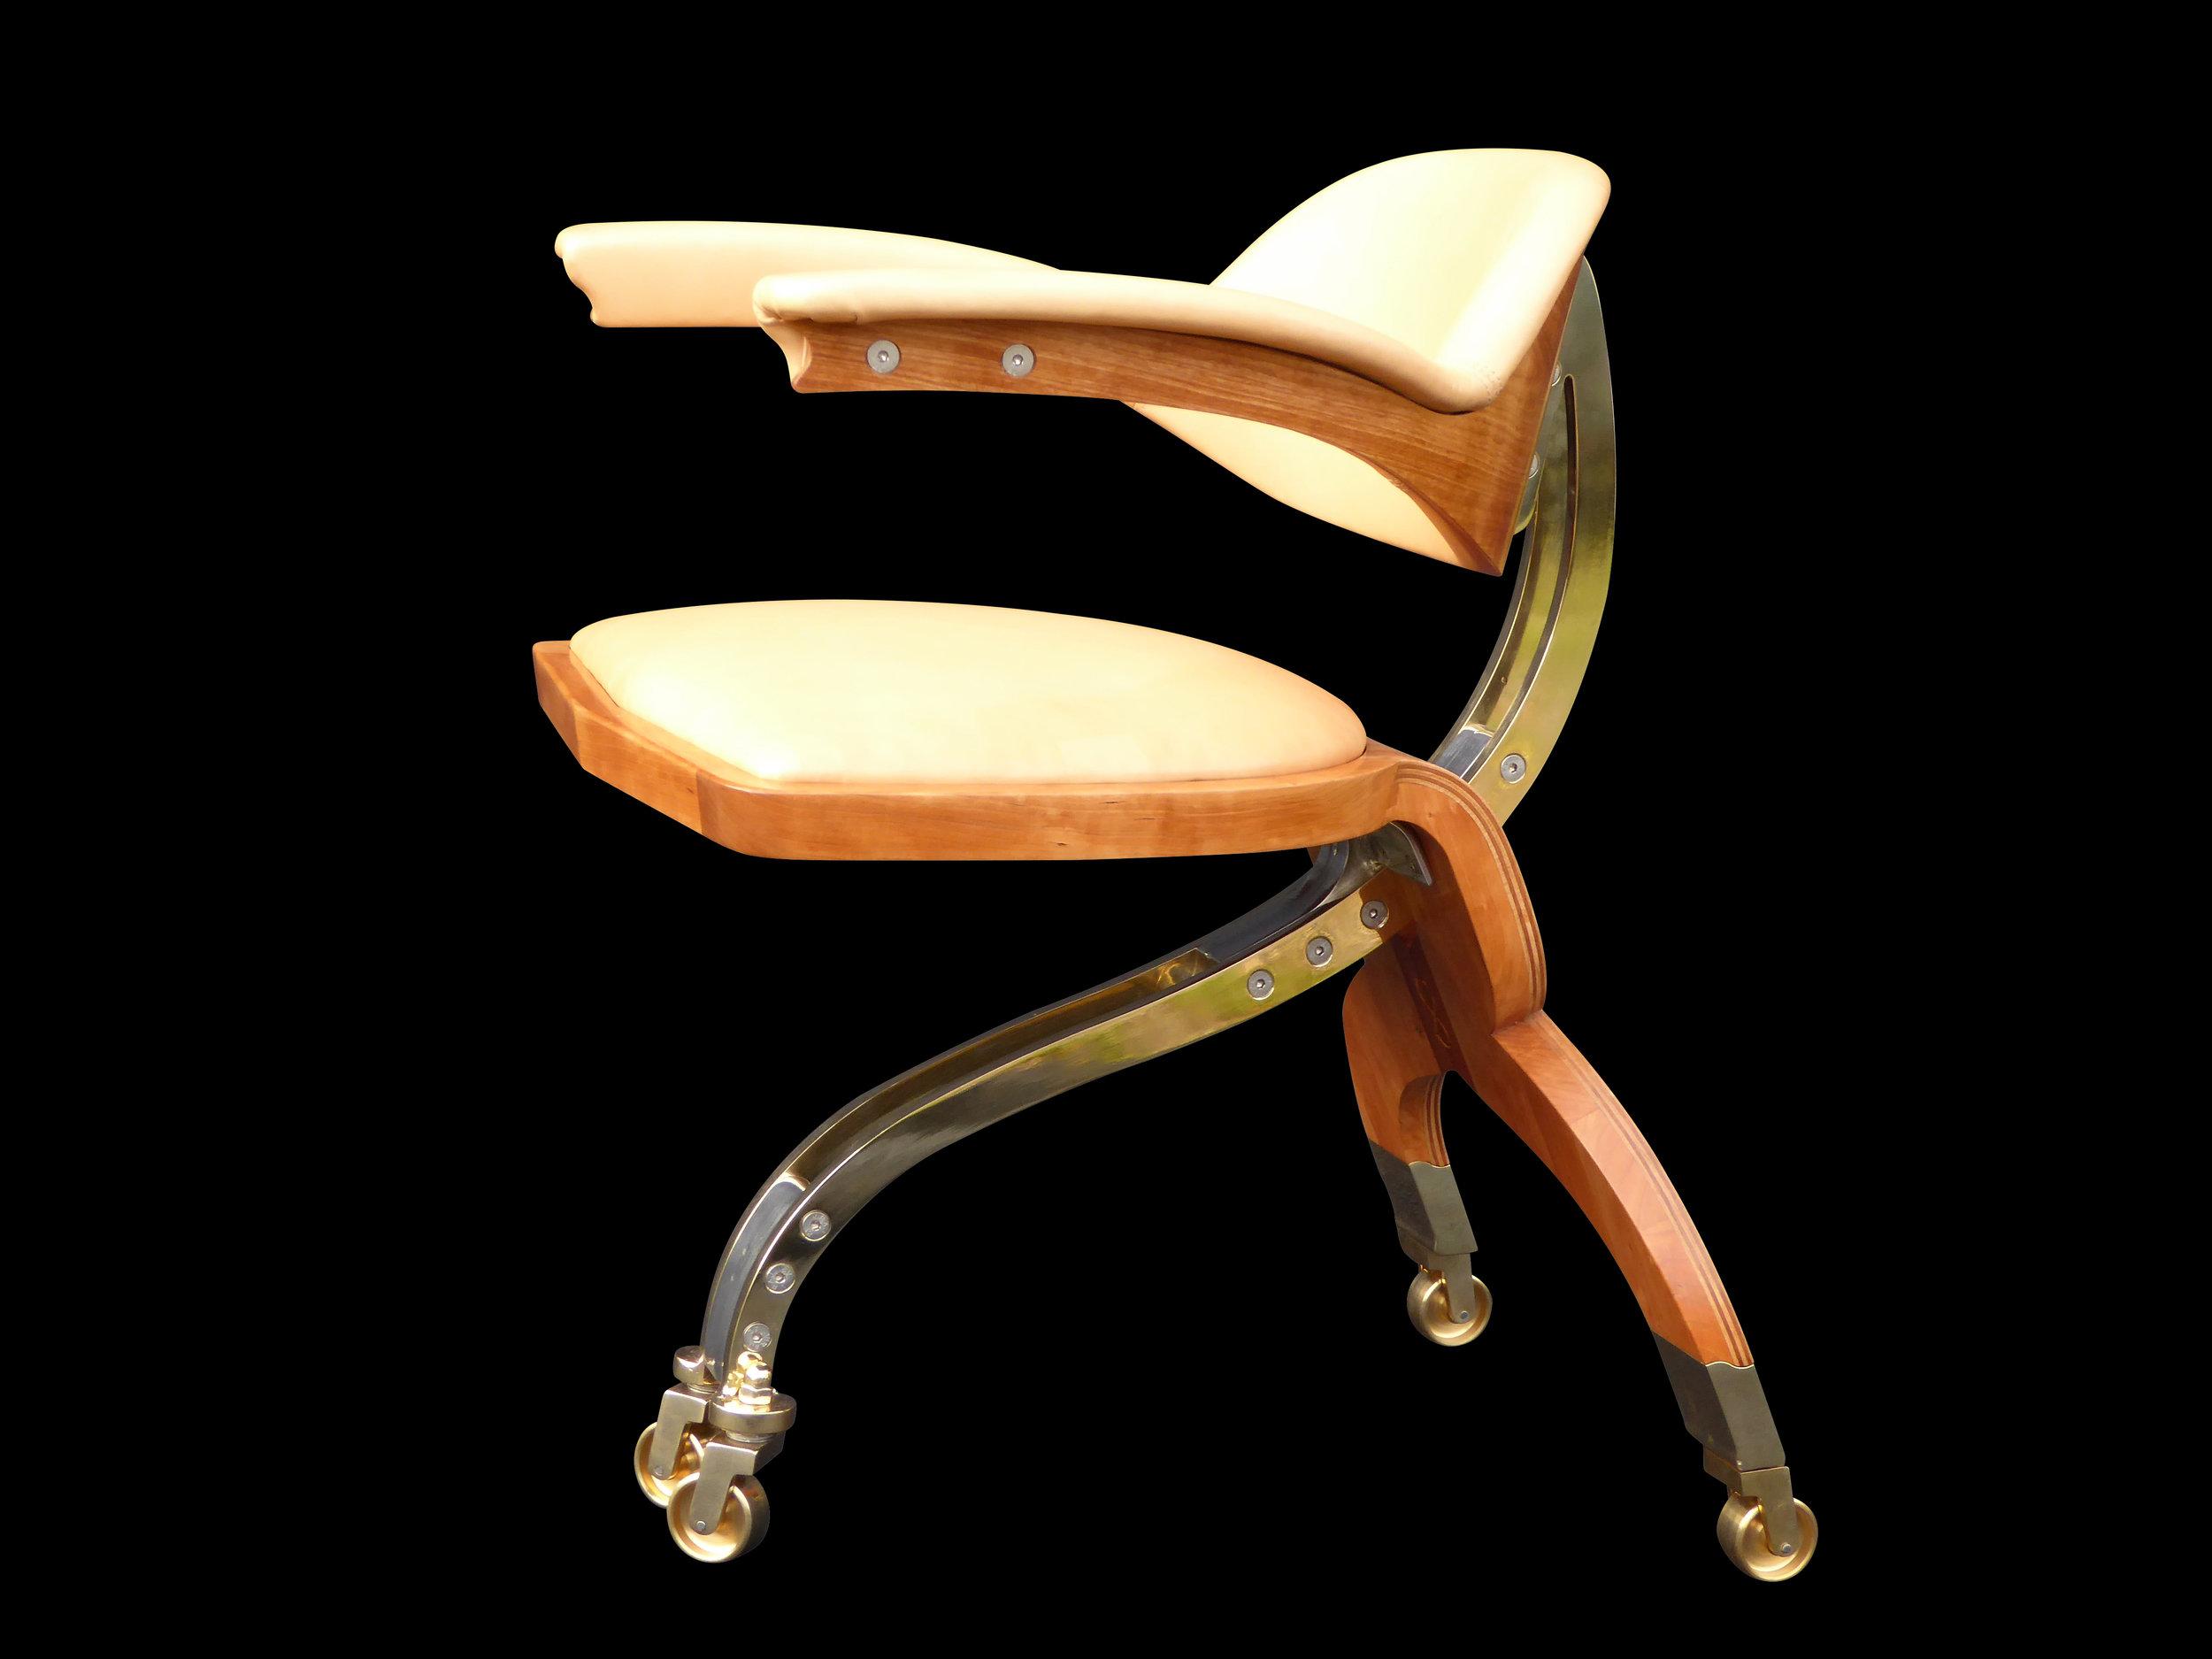 Riunióne desk chair side view